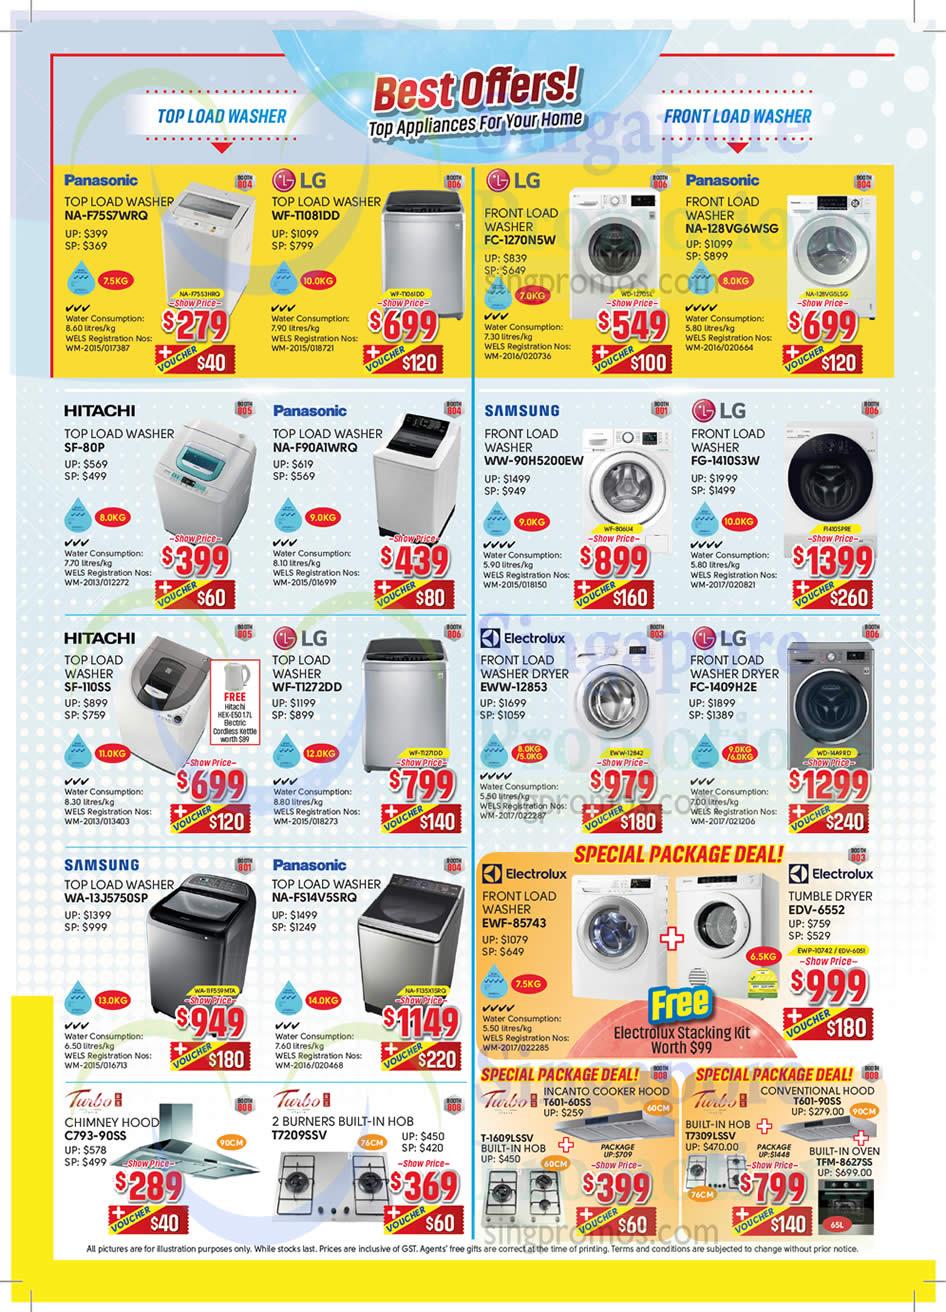 Washers, Panasonic, LG, Samsung, Hitachi, Electrolux